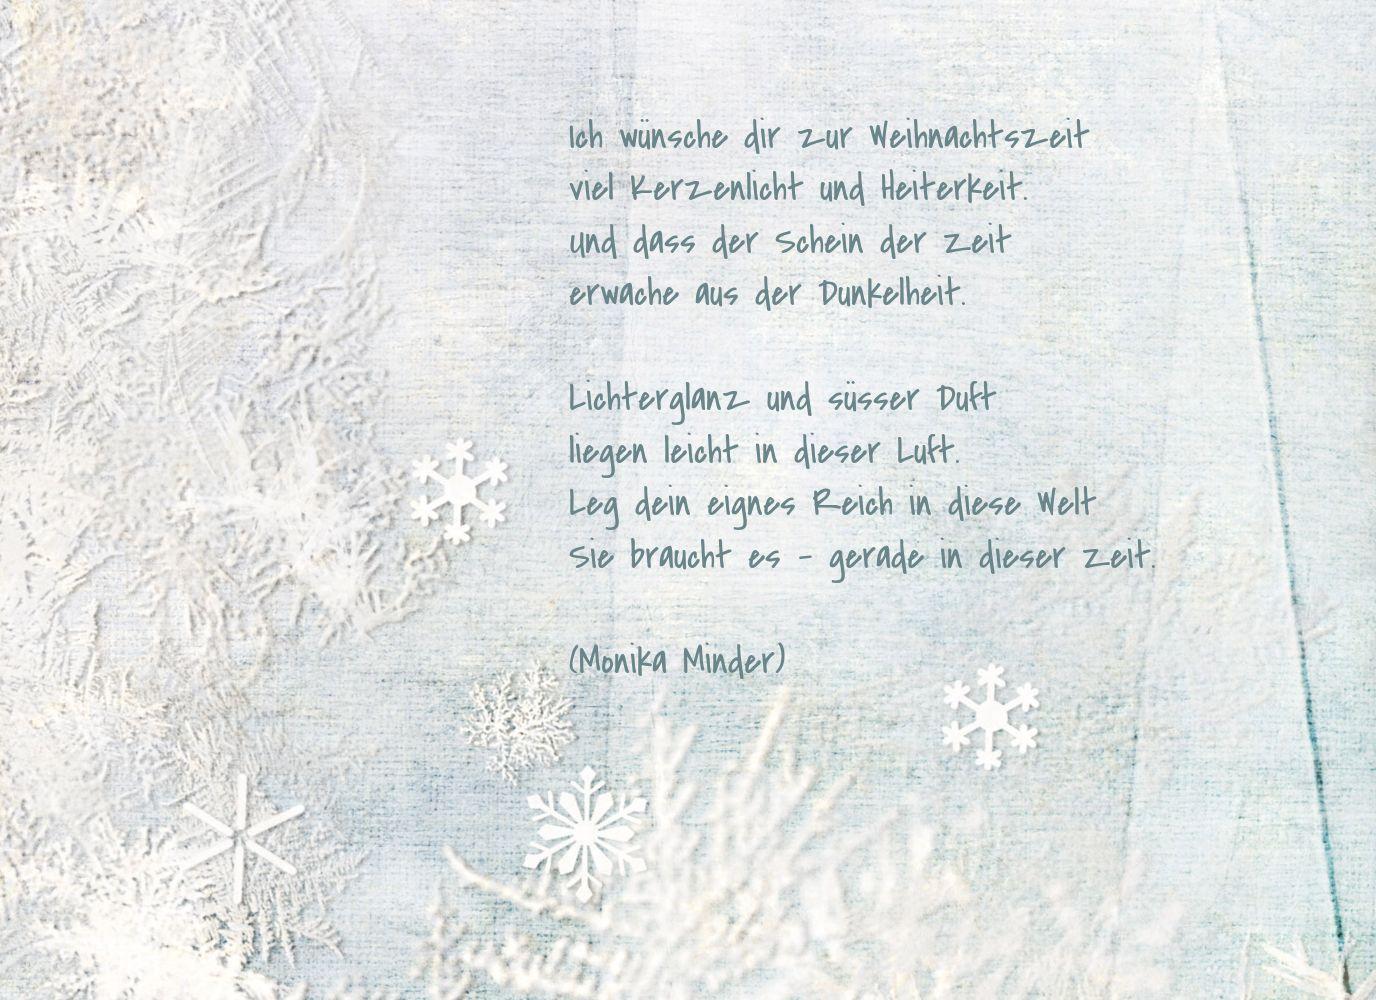 Ansicht 4 - Grußkarte Schneehütte